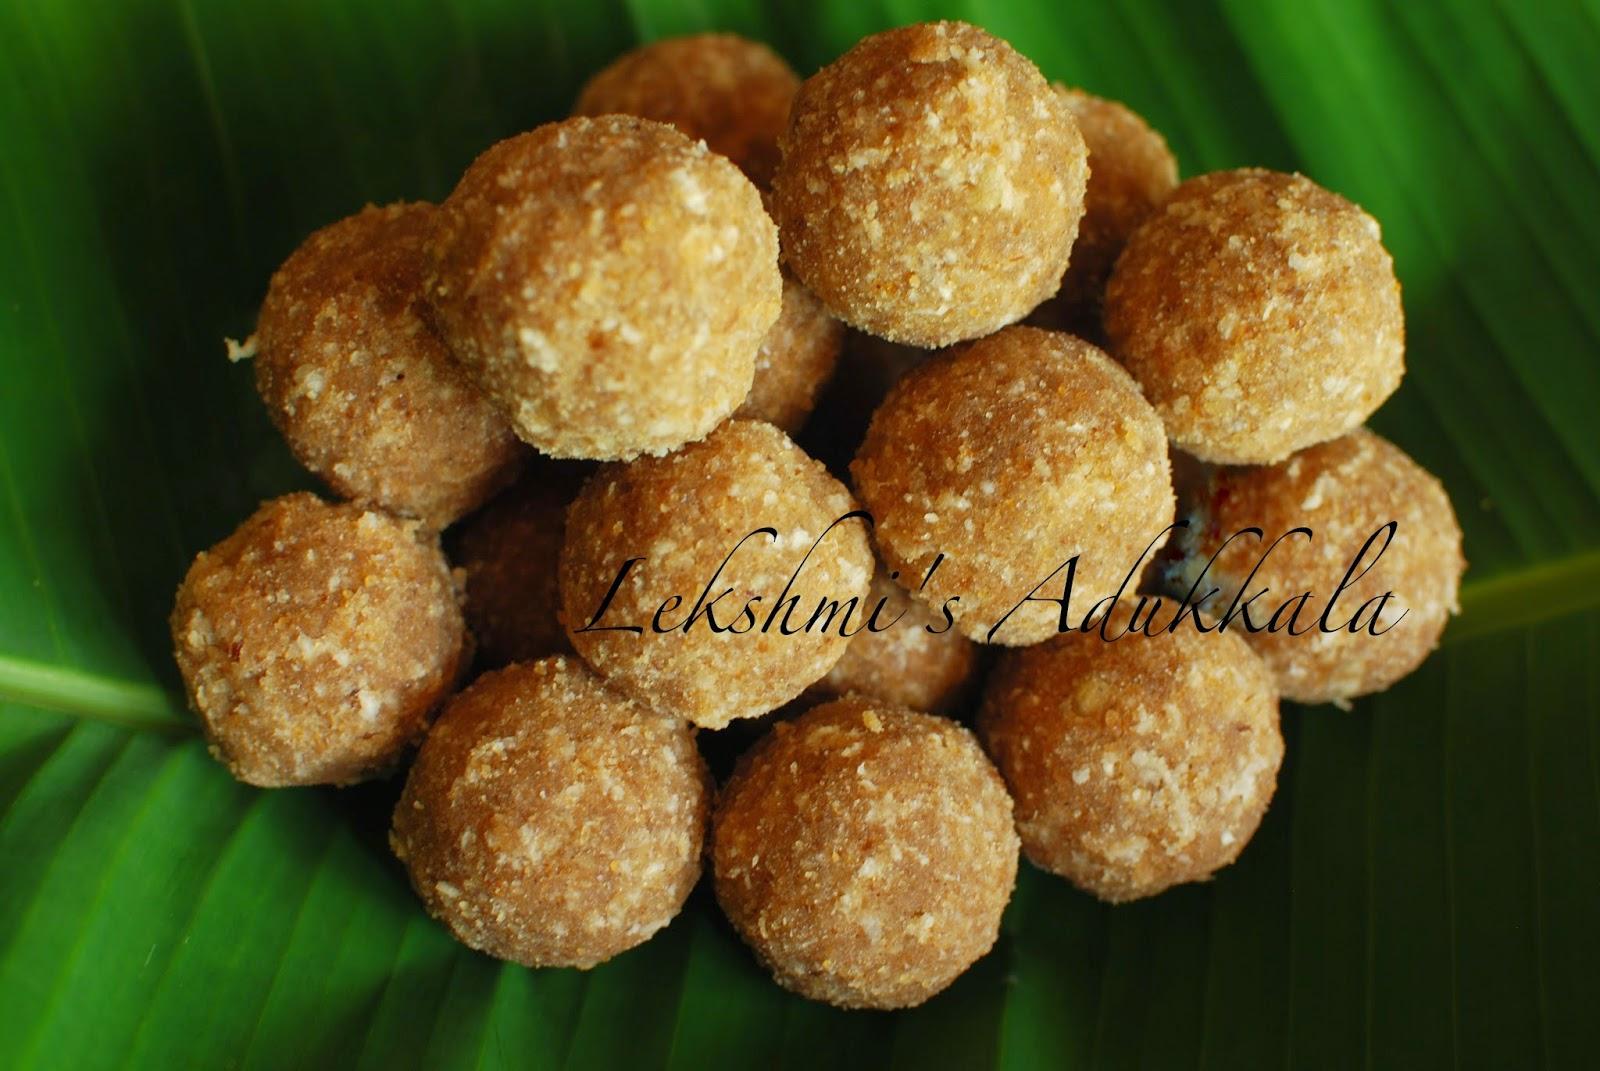 Lekshmi's Adukkala: Ari unda / Rice Ladoo